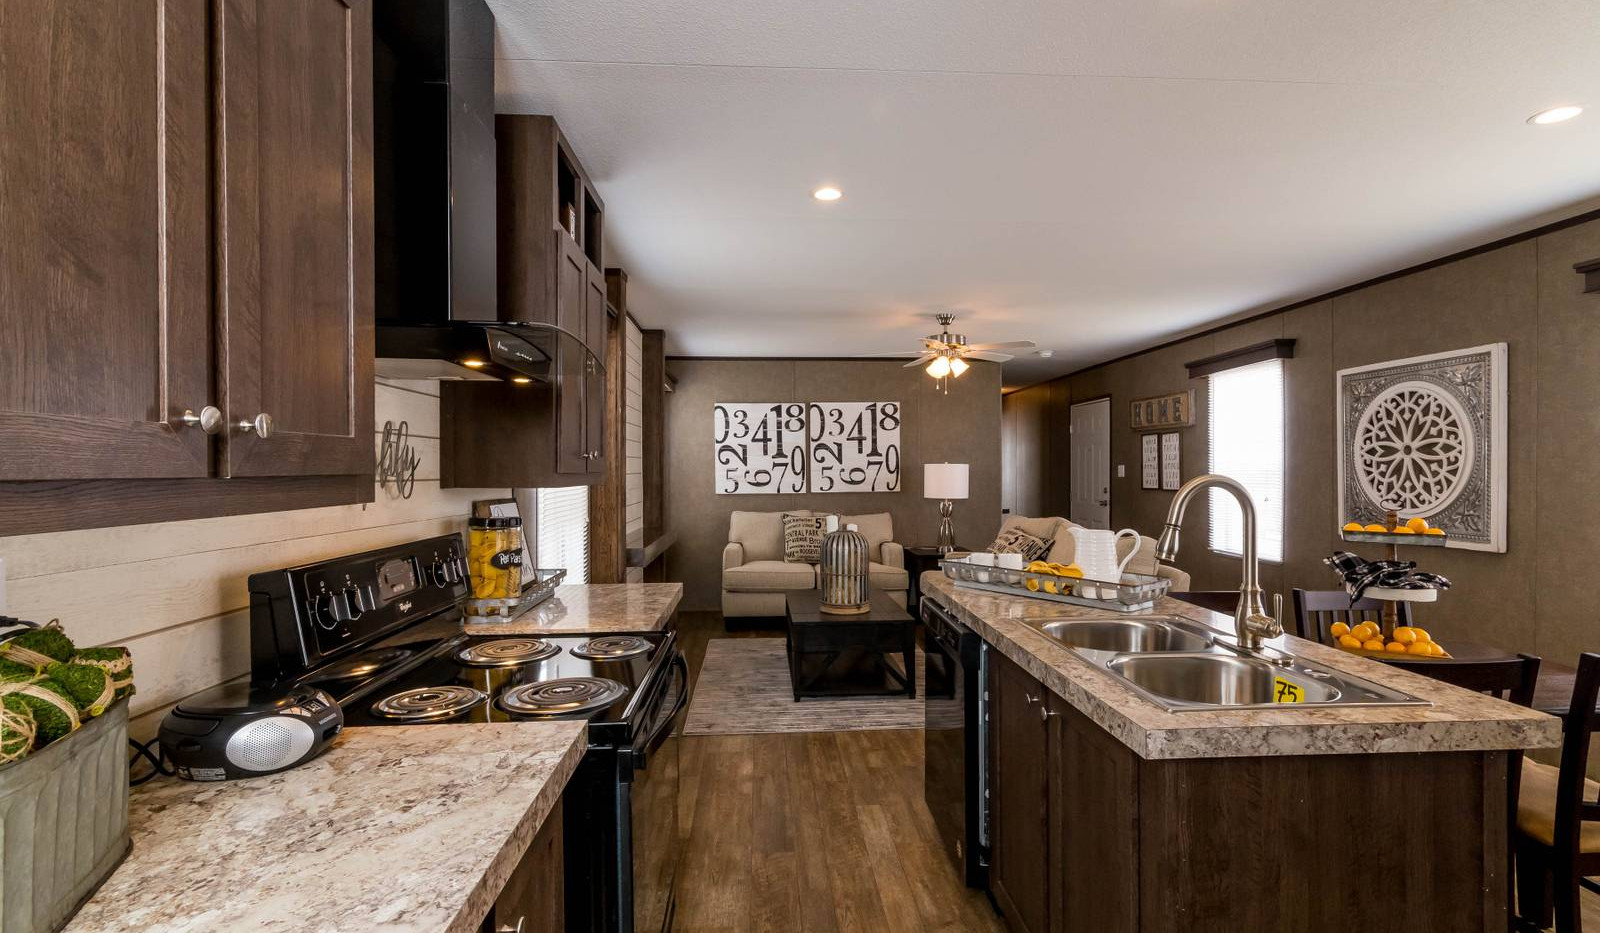 8-1676H kitchen 3-1600x1067.jpg